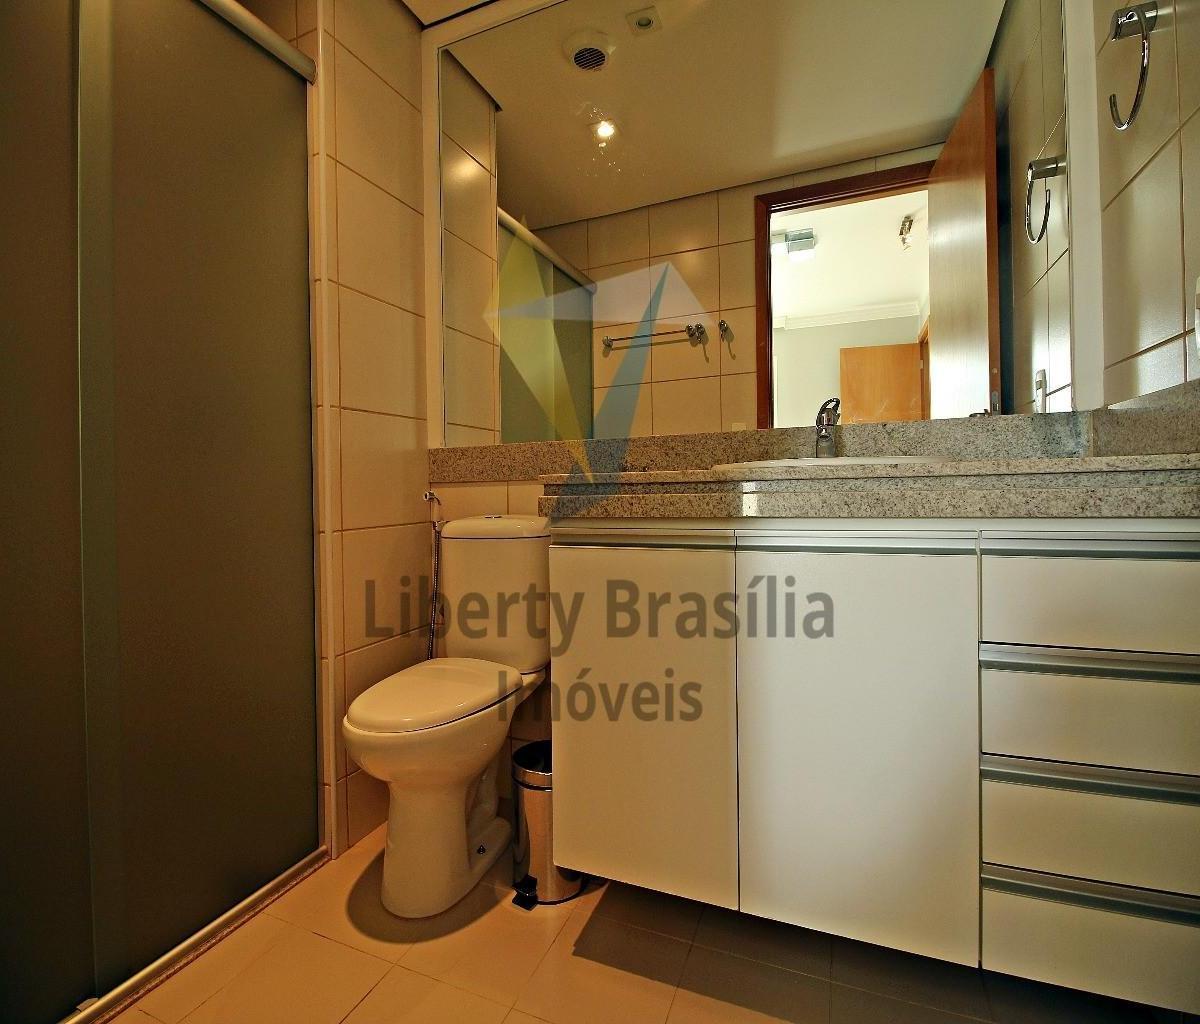 Imagens de #66451E Apartamento para aluguel com 2 Quartos Asa Norte Brasília R$ 4  1200x1024 px 3560 Blindex Banheiro Asa Norte